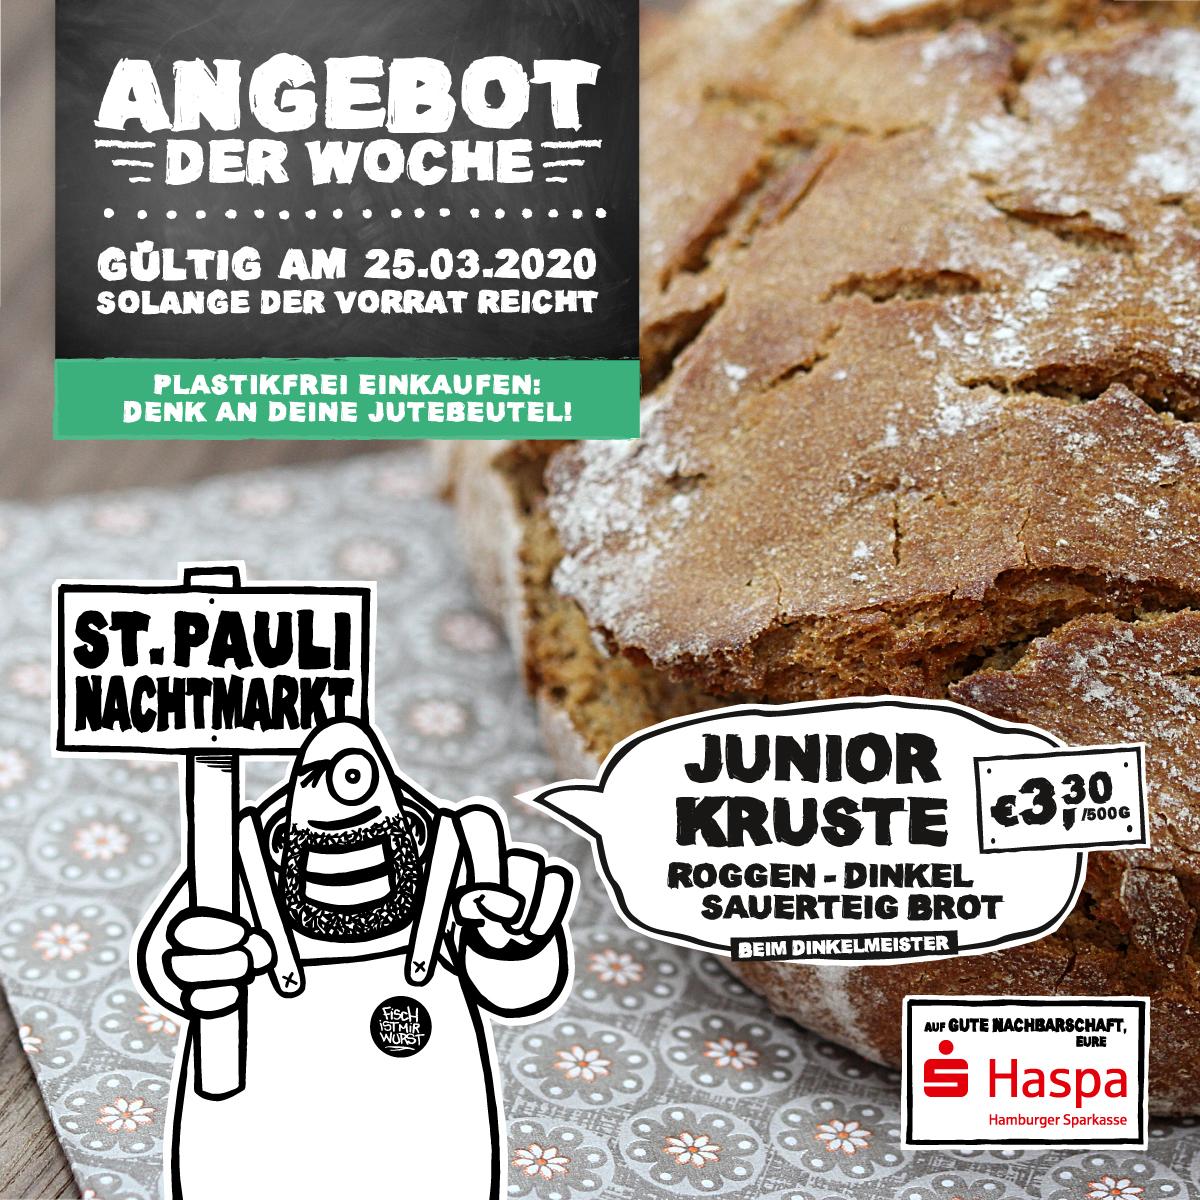 Das Angebot der Woche: Junior Kruste, Roggen-Dinkel Sauerteig Brot, 500g 3,30€